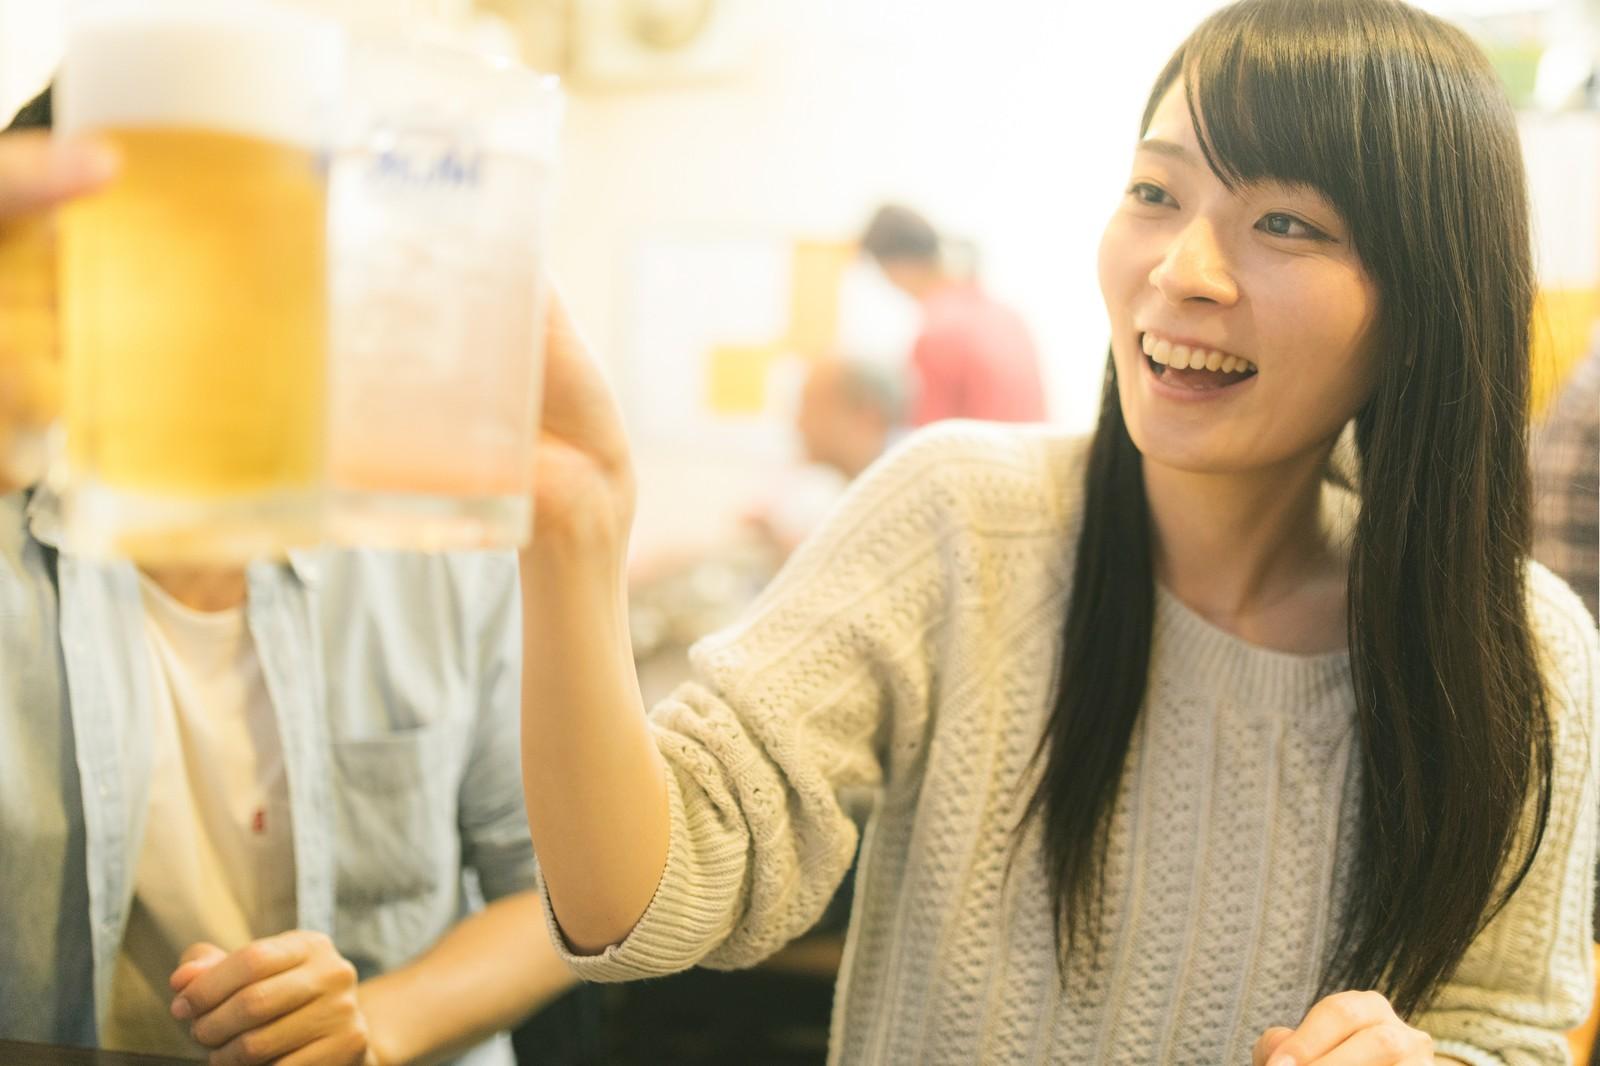 Traditionelle japanske dating skikke